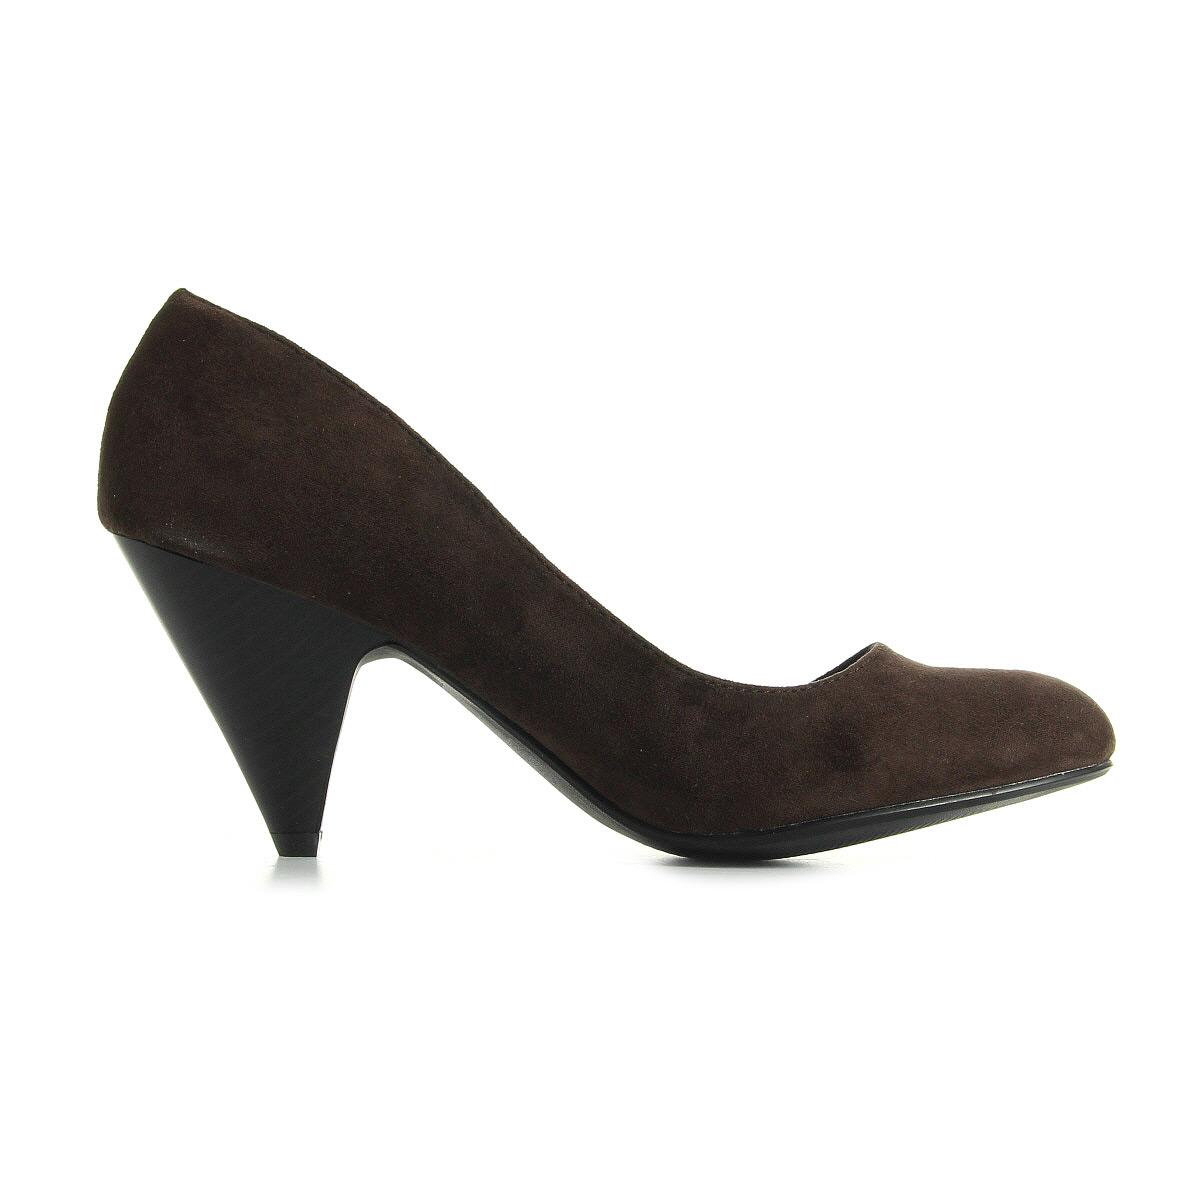 chaussures escarpins la redoute cr ation femme escarpins taille marron ebay. Black Bedroom Furniture Sets. Home Design Ideas